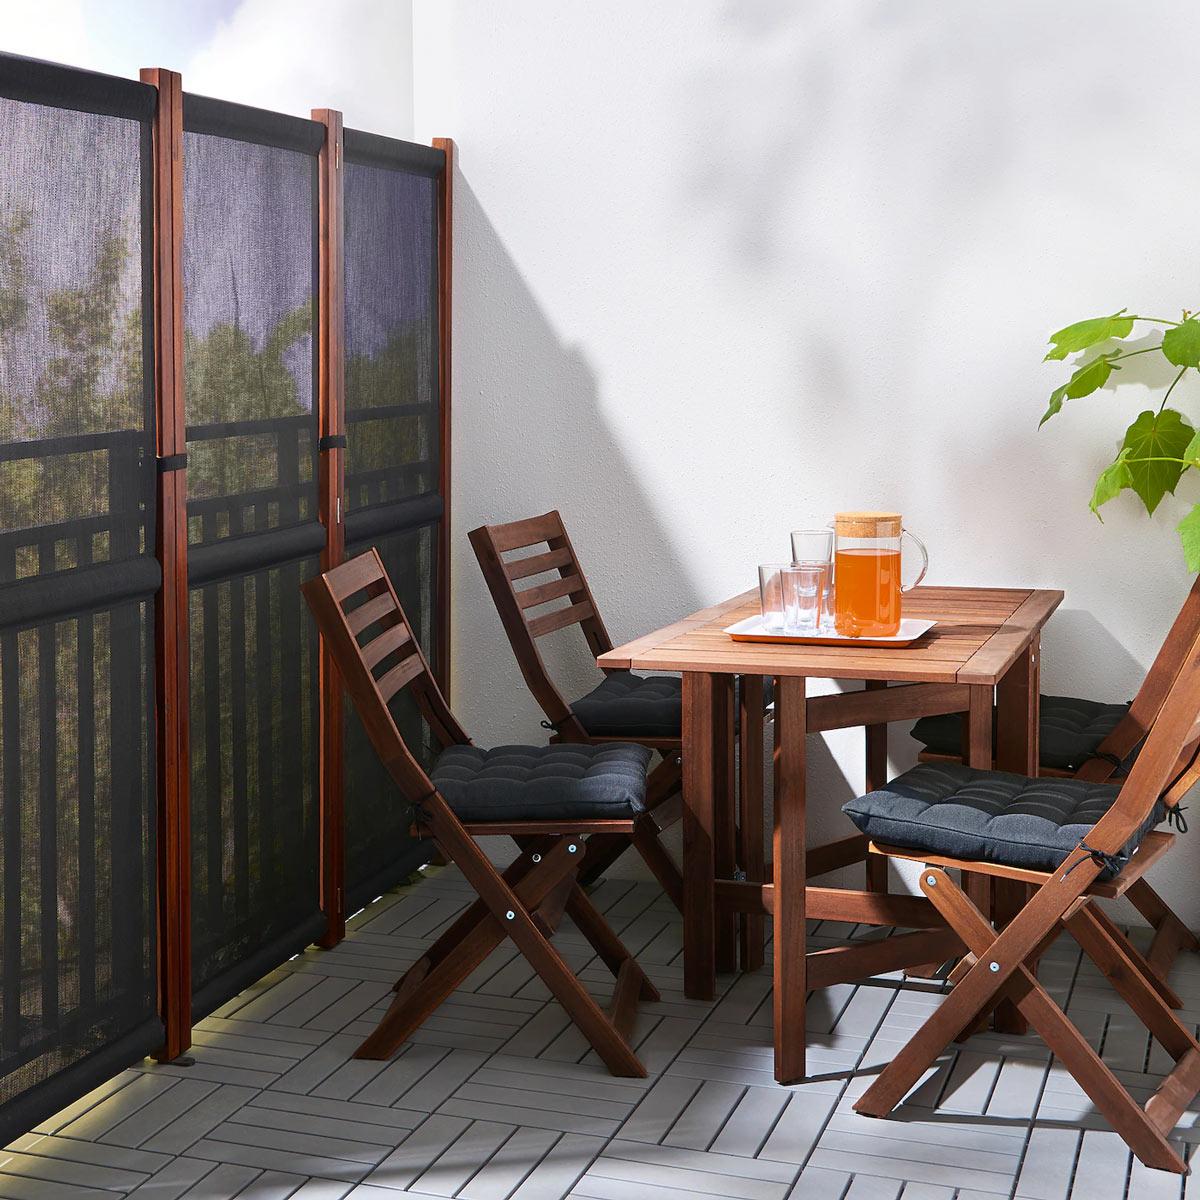 Separè IKEA SLÄTTÖ, ideale per avere un po di privacy sul balcone.